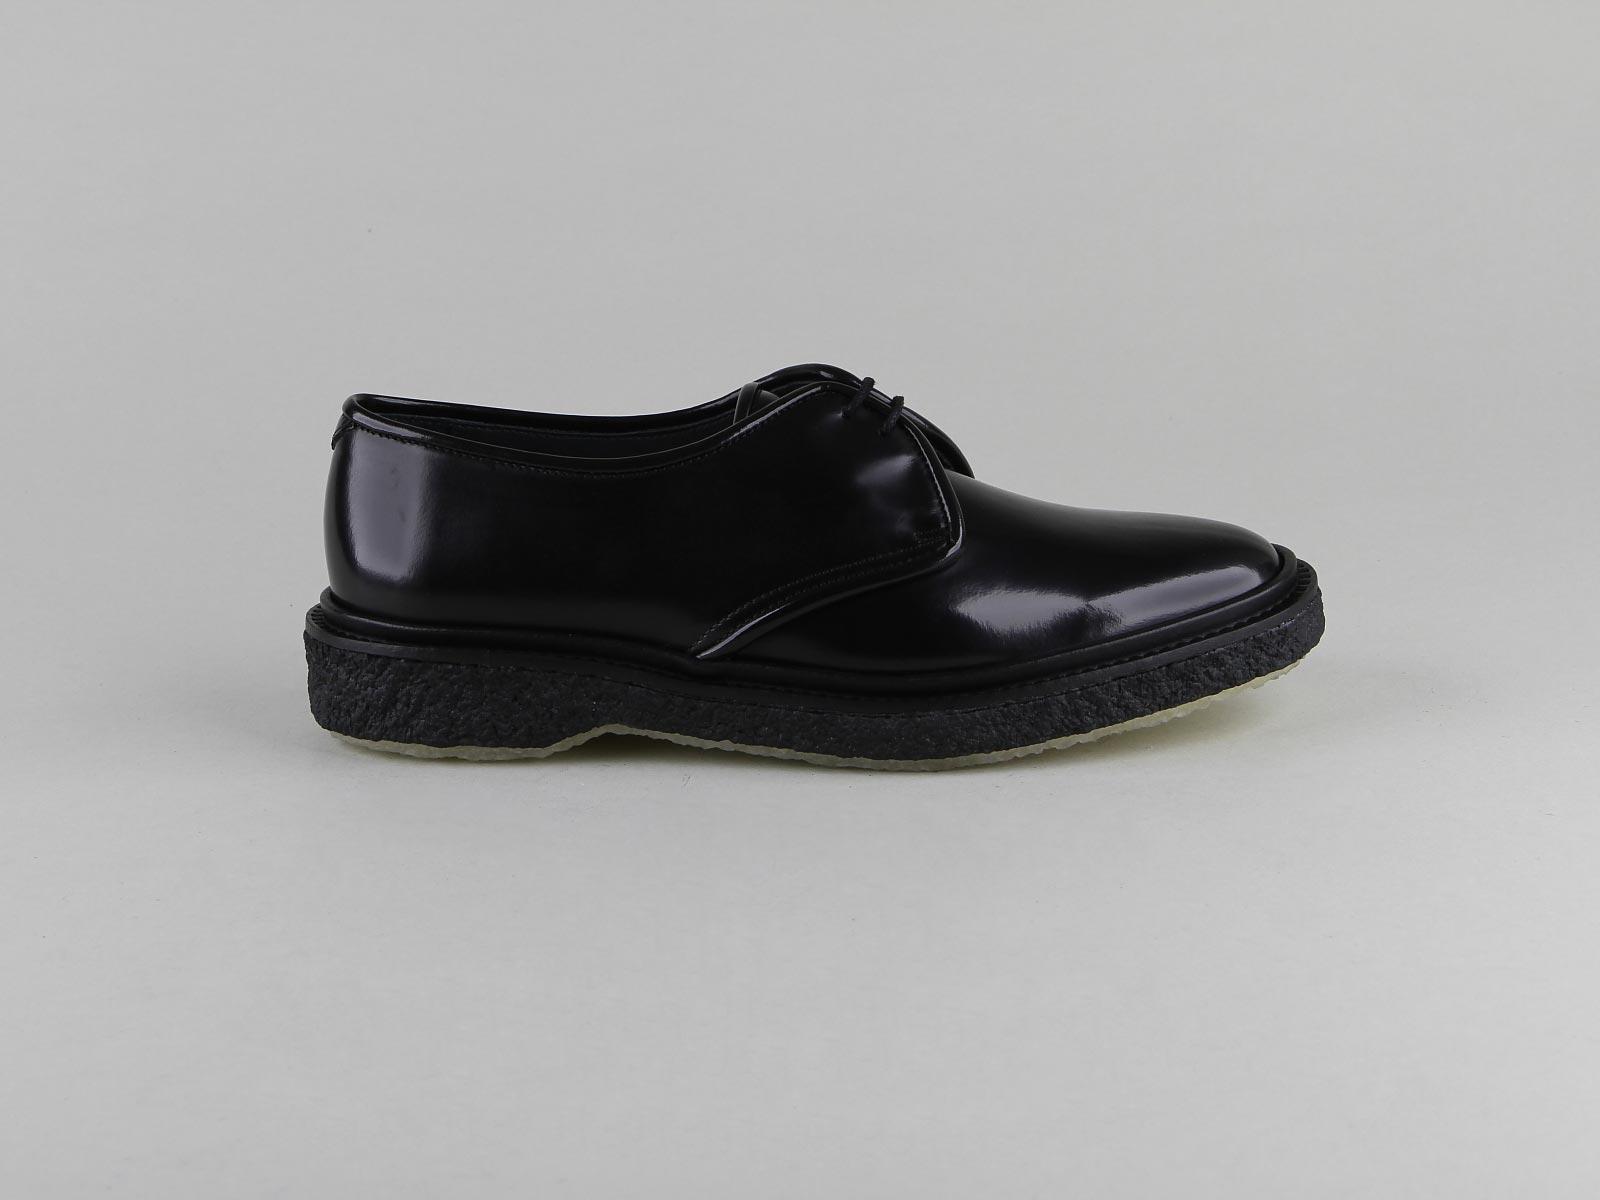 type de chaussure il en existe plusieurs je vous fais une s lection des plus belles ici. Black Bedroom Furniture Sets. Home Design Ideas